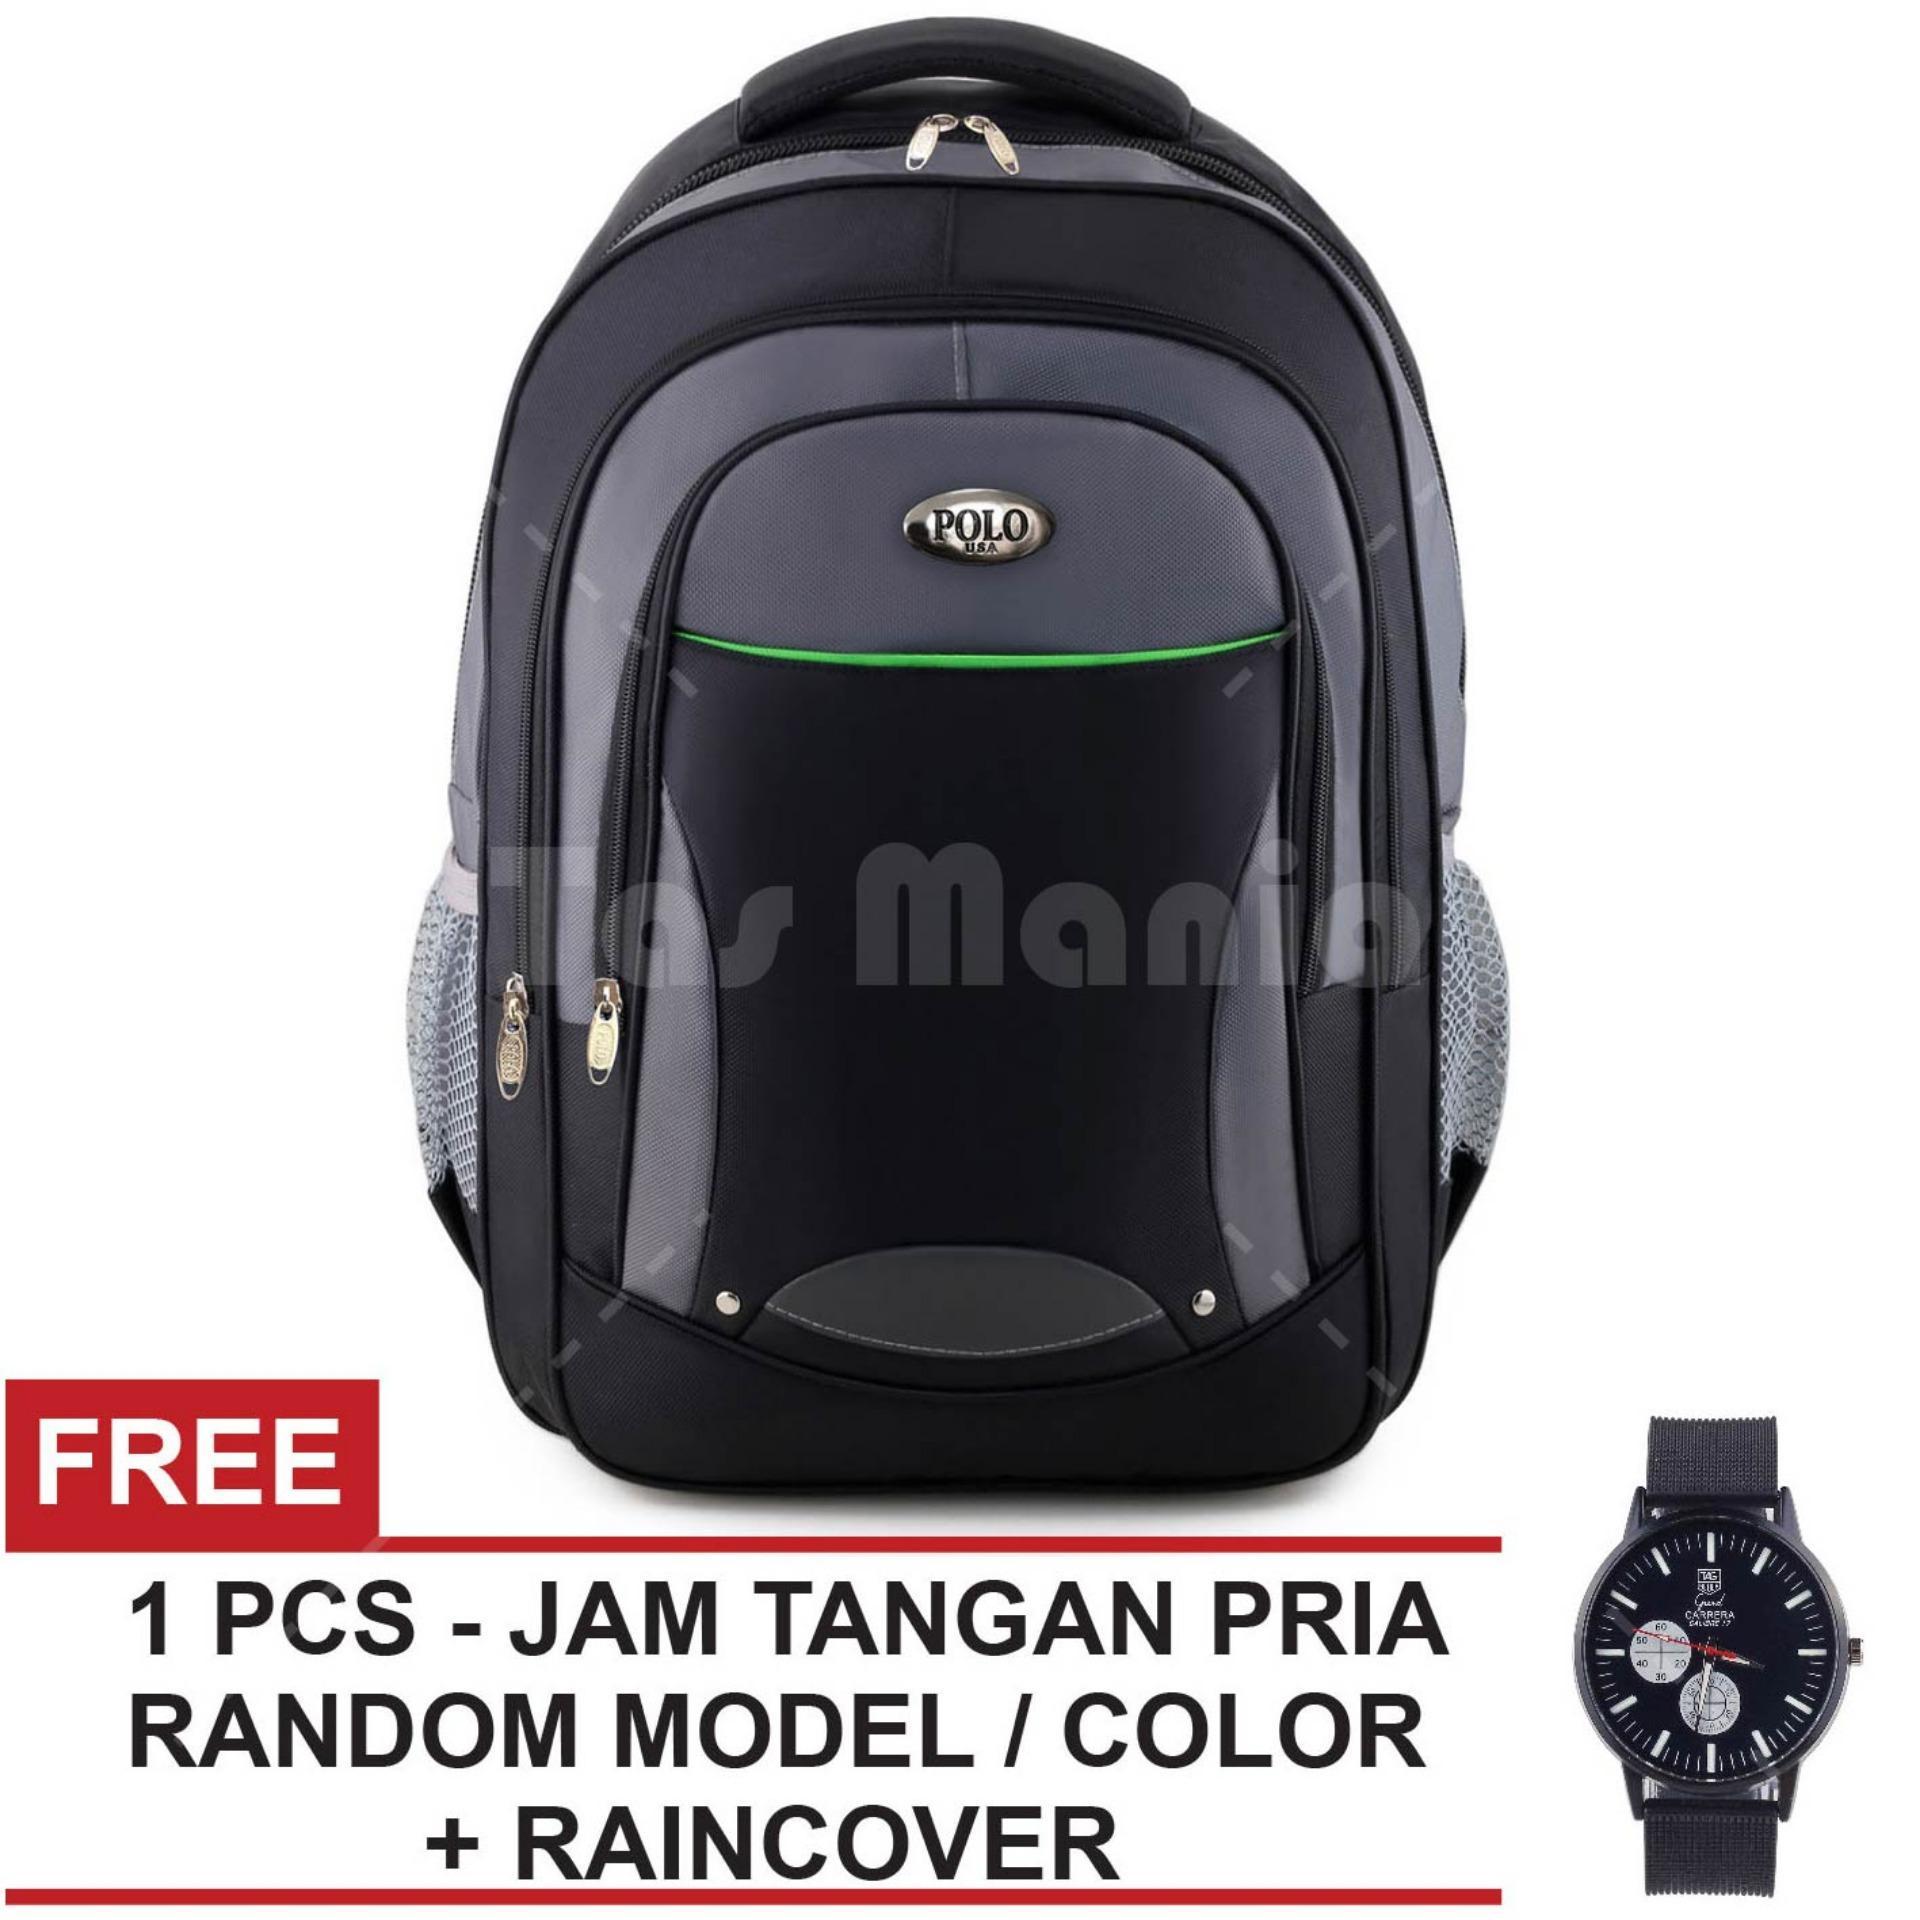 Harga Tas Ransel Polo Usa Sheldrake Dailypack Tas Laptop Casual Backpack Black Raincover Free Jam Tangan Pria Tas Pria Tas Kerja Tas Fashion Pria Terbaru